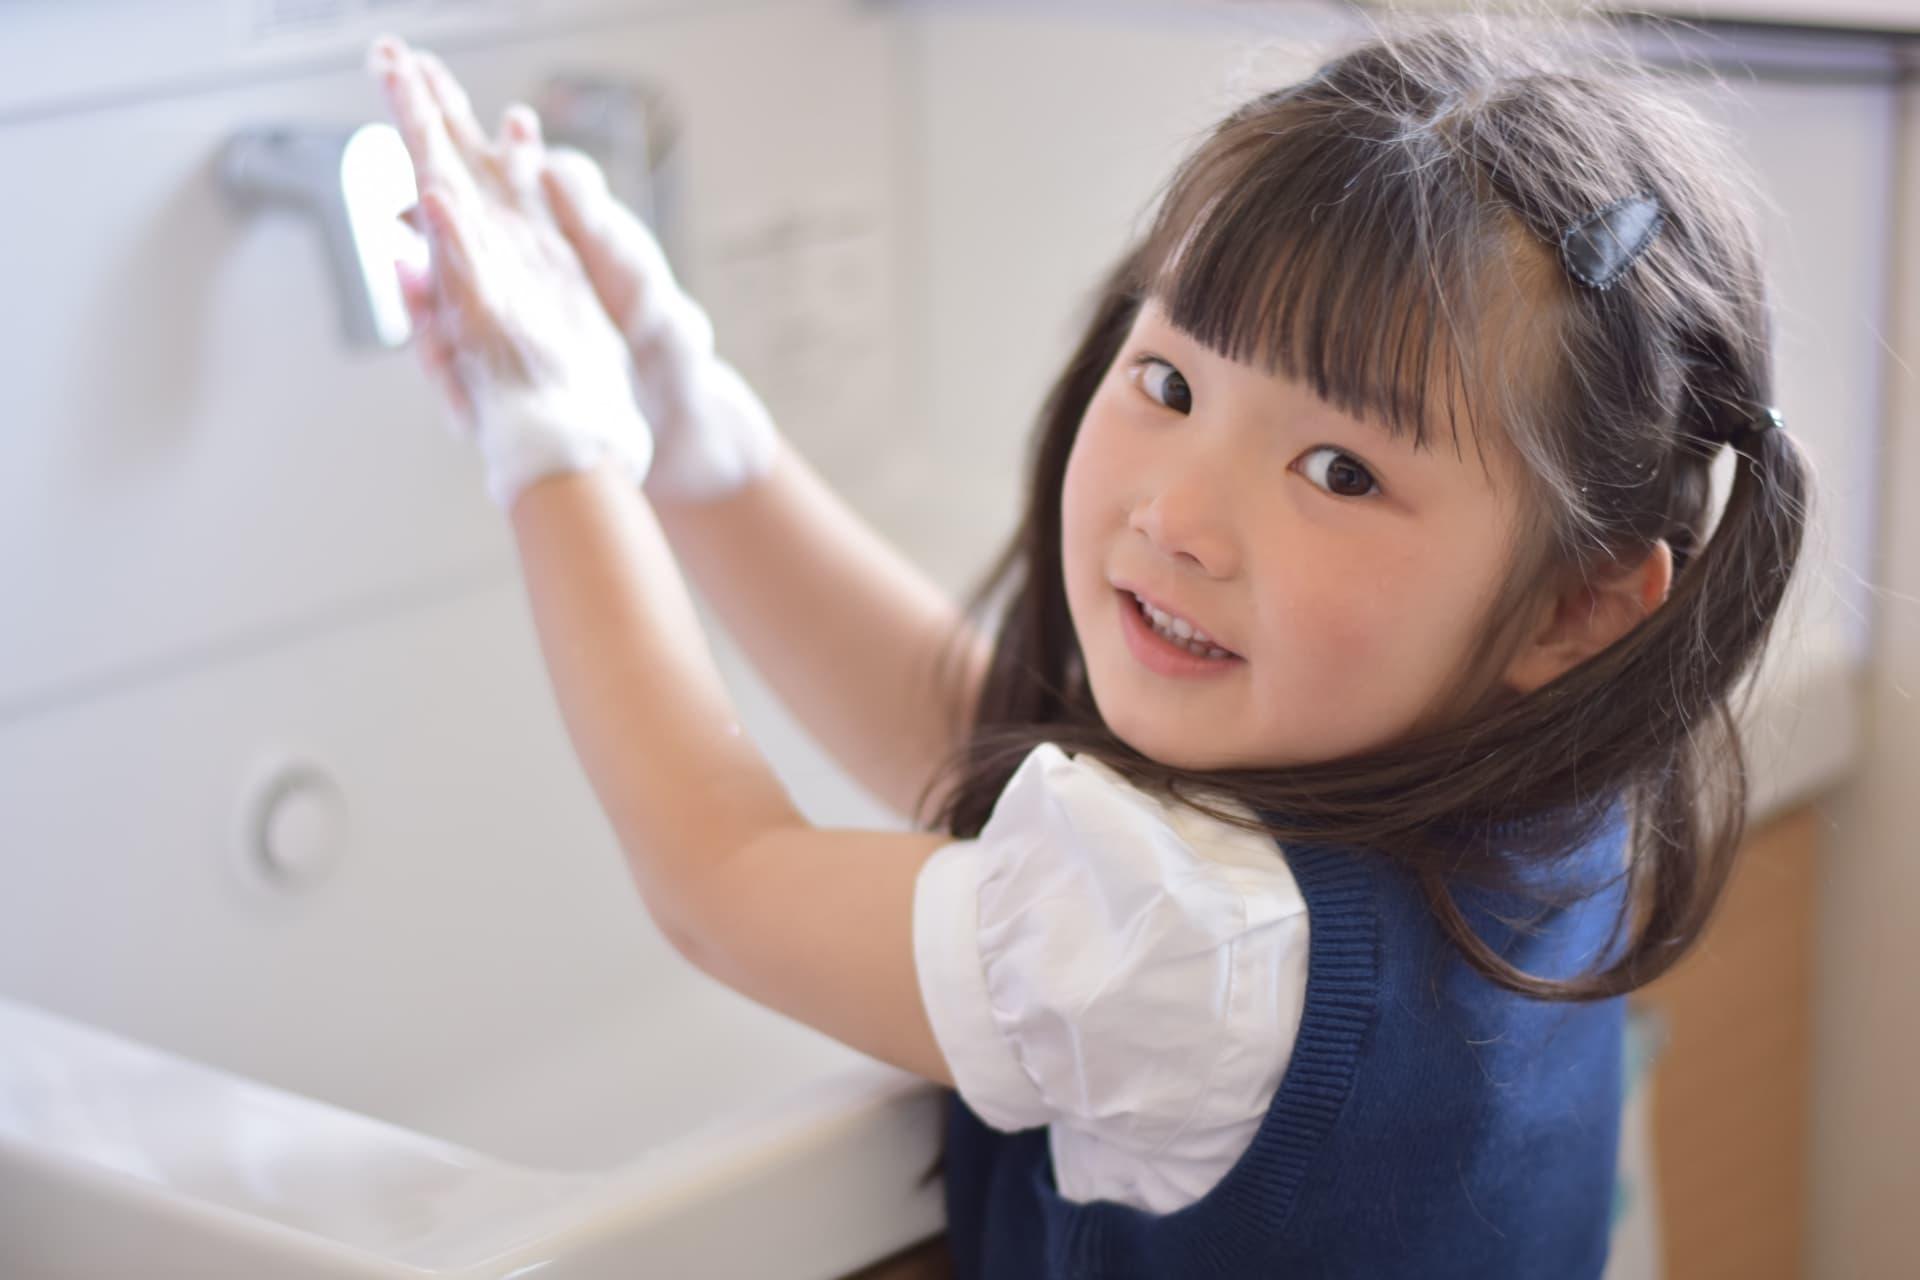 手洗いをしっかりして、きっちり水分を拭き取ろう